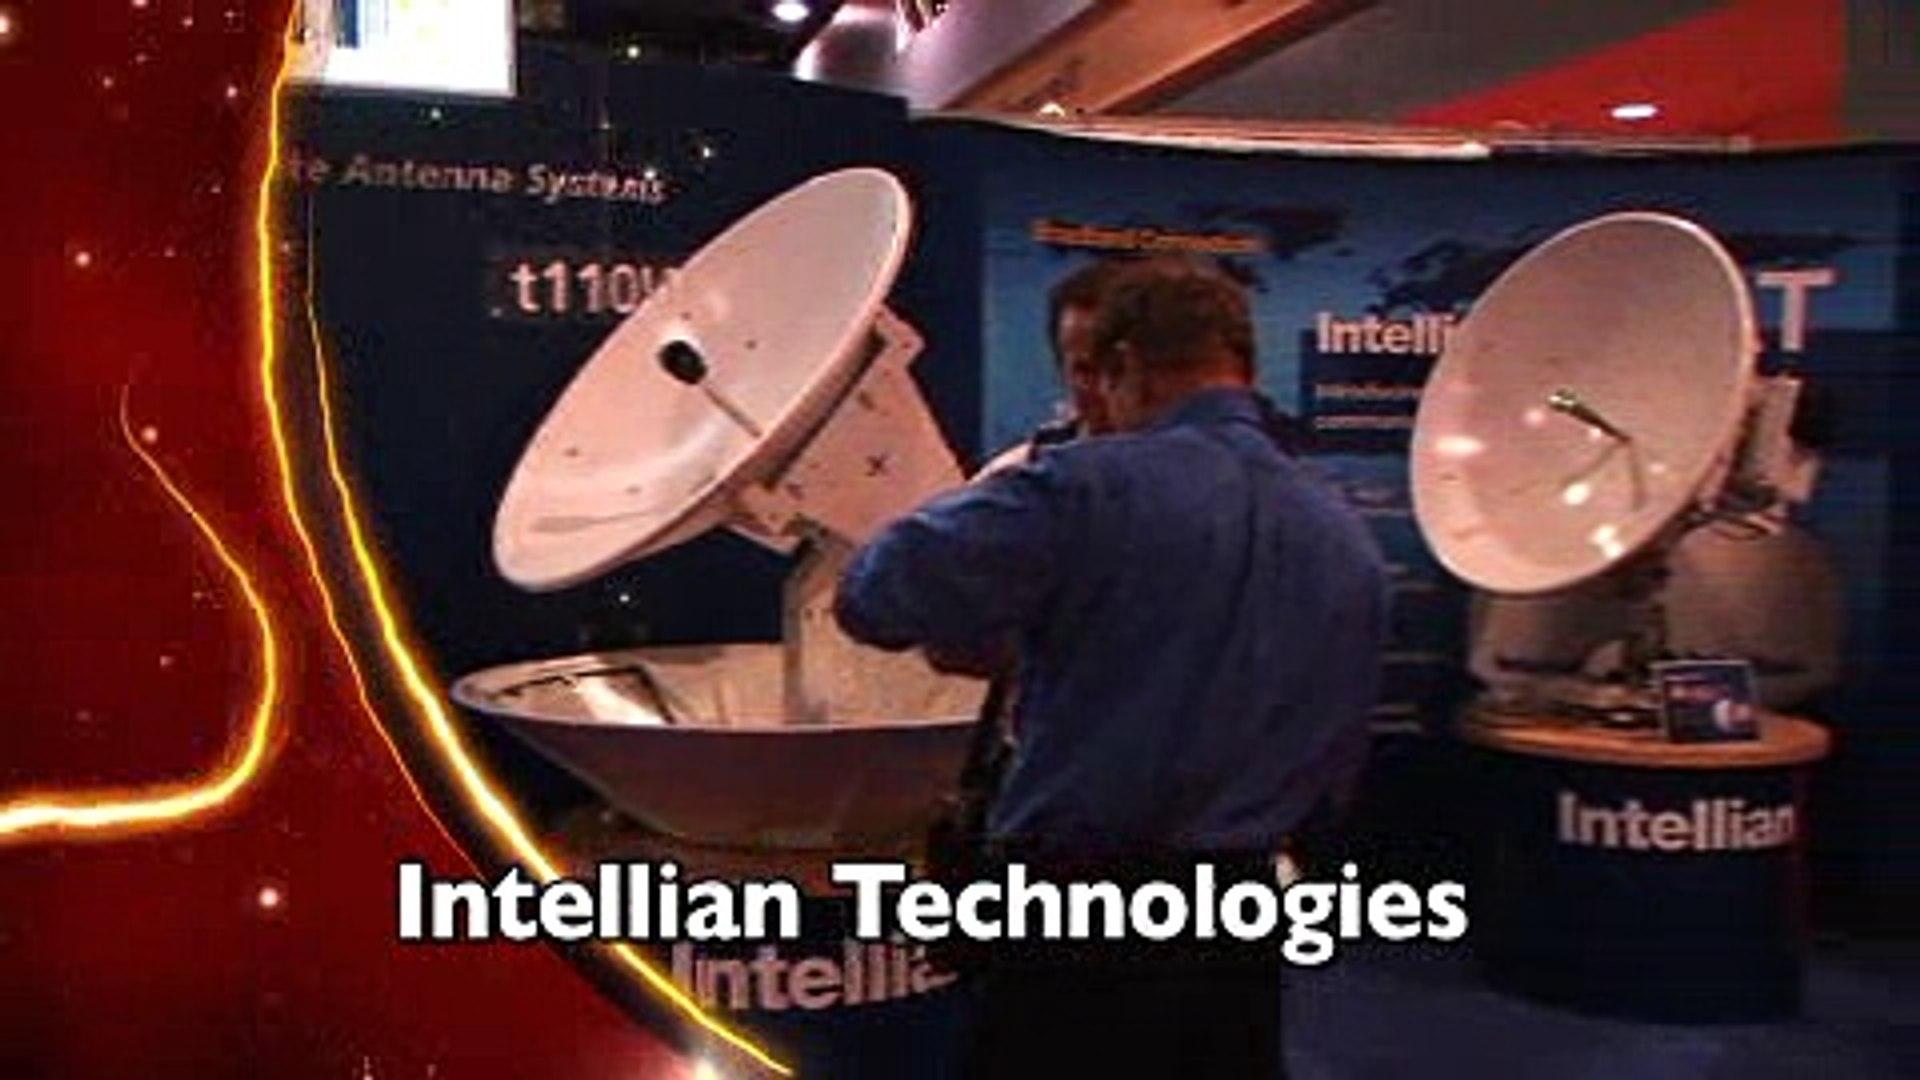 Intellian Technologies